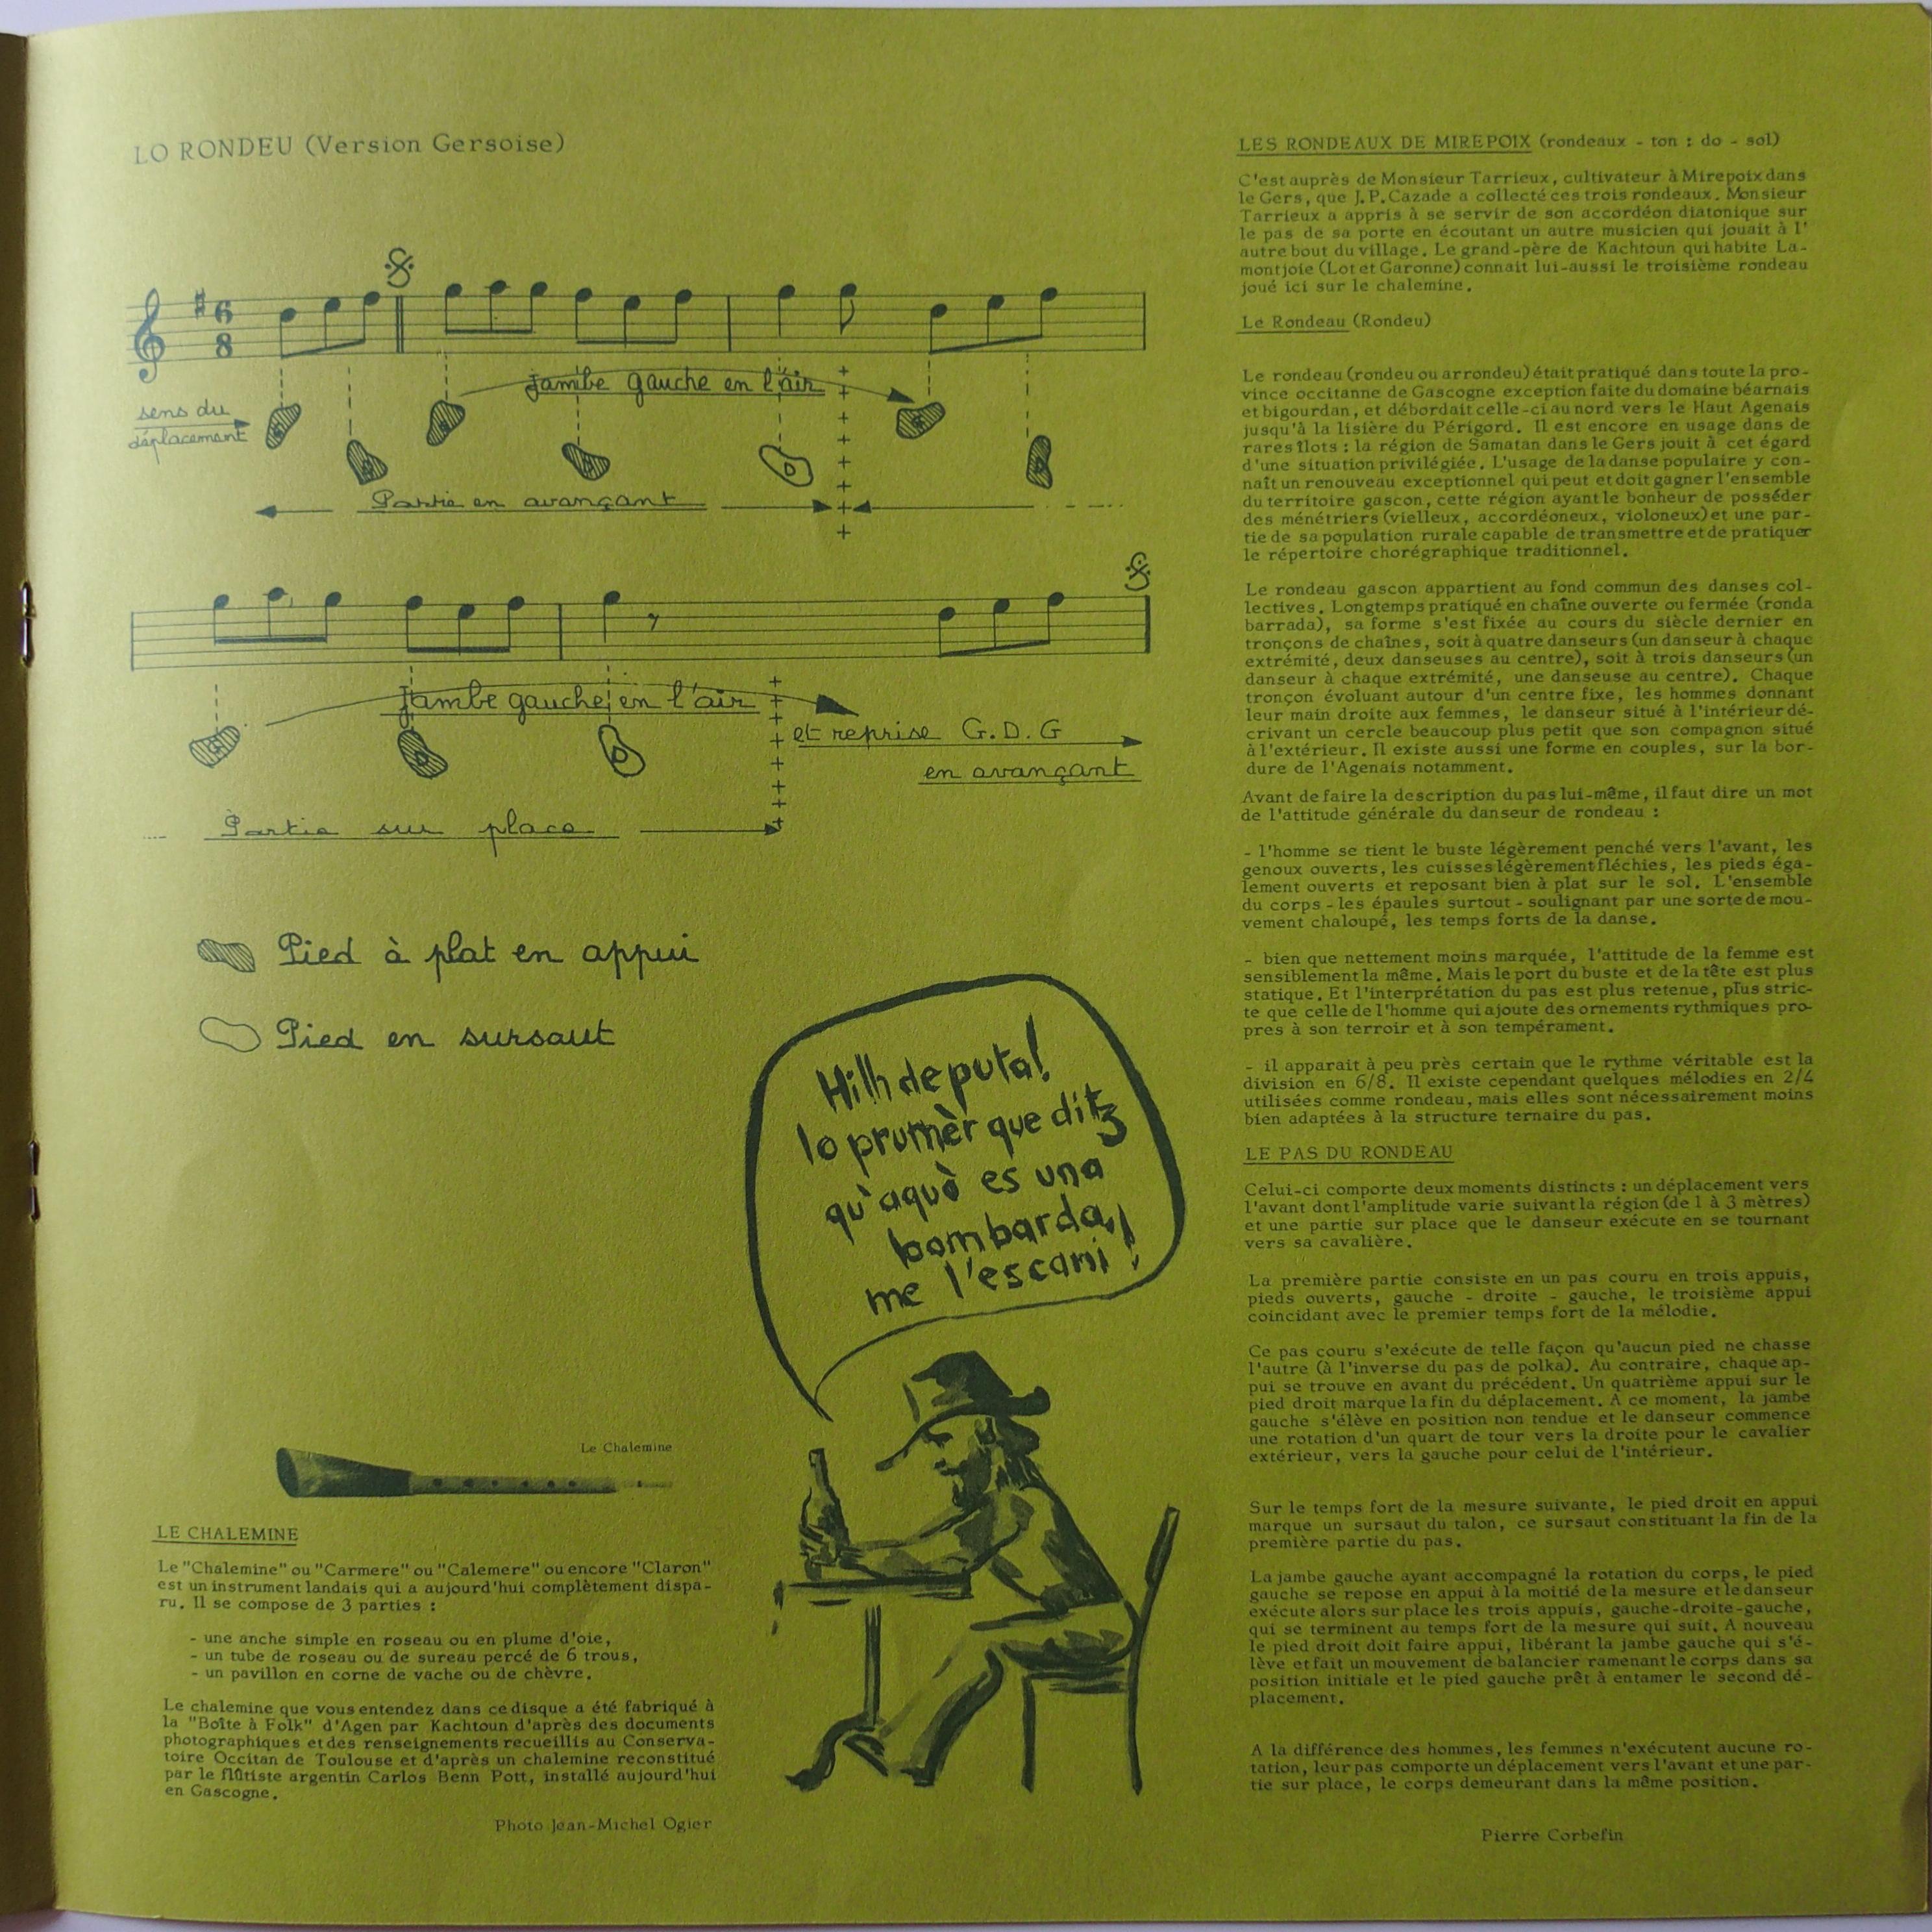 Livret, page 5/8